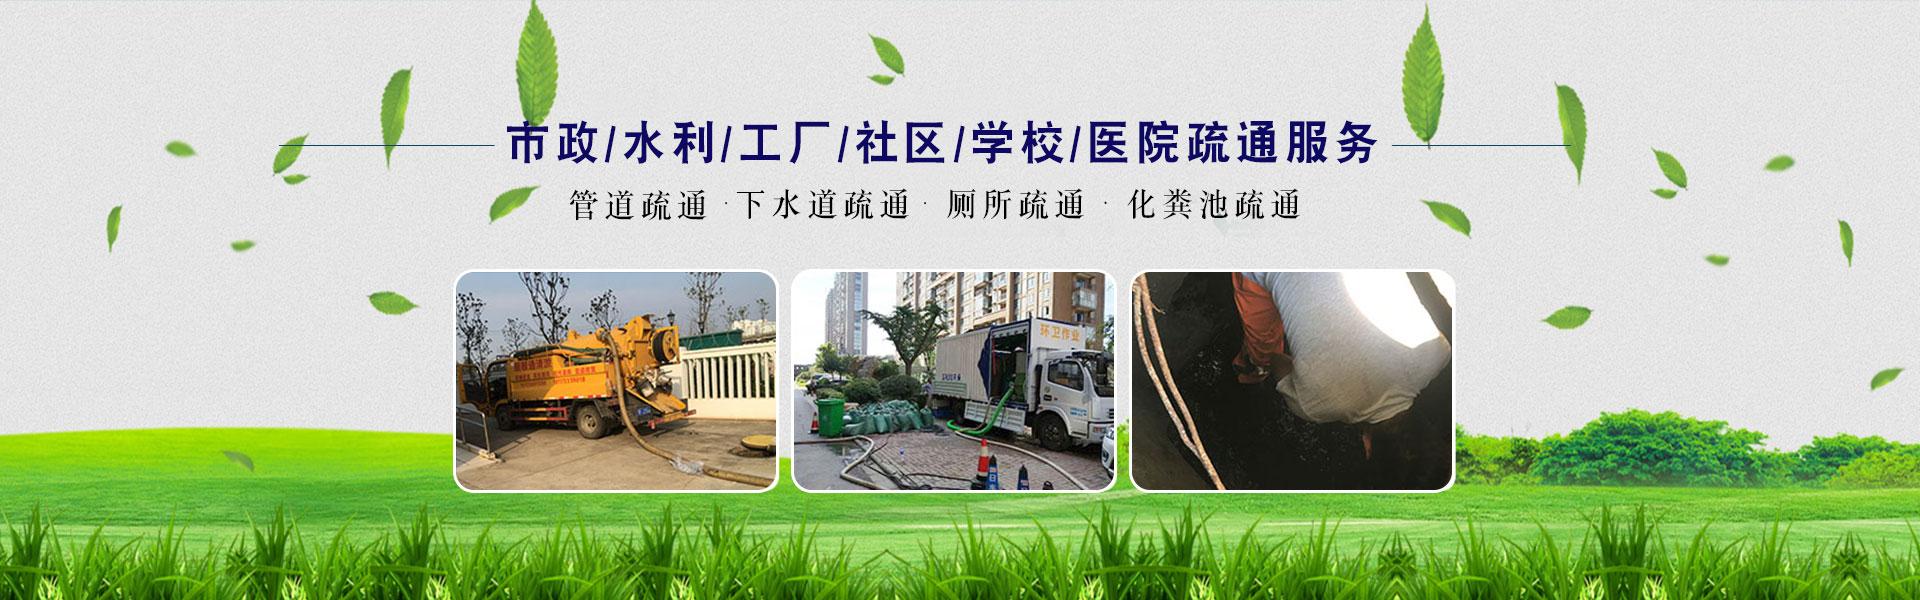 安庆清理化粪池